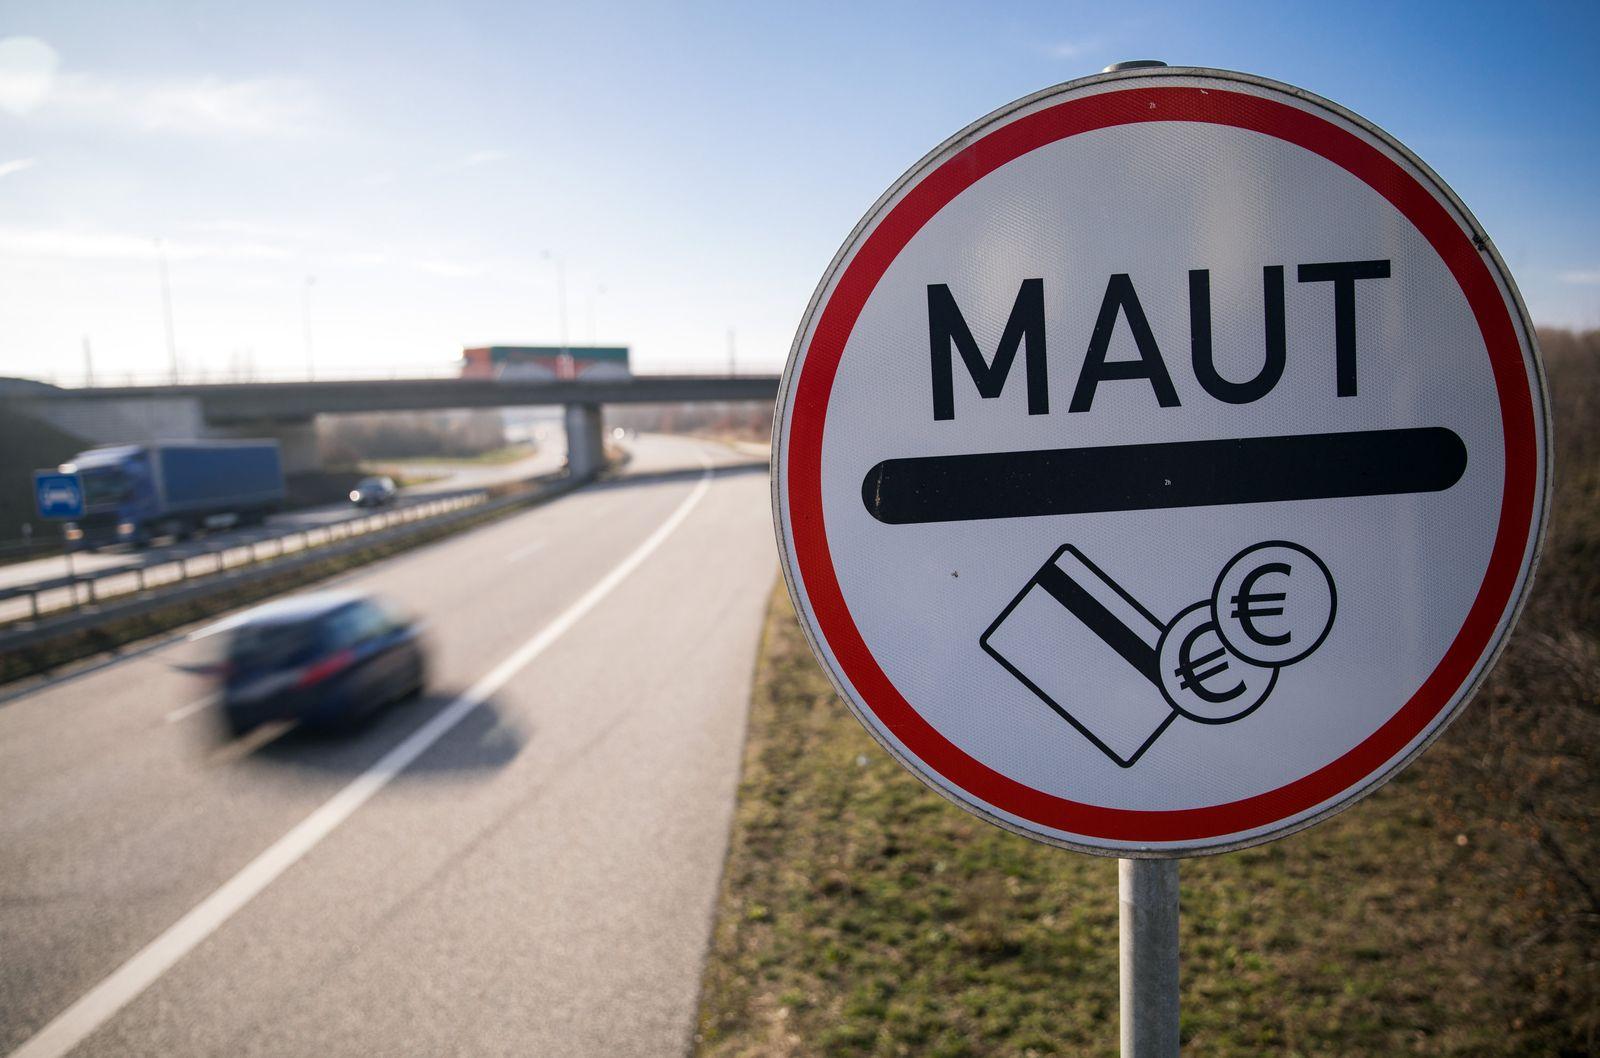 Maut/ Autobahn